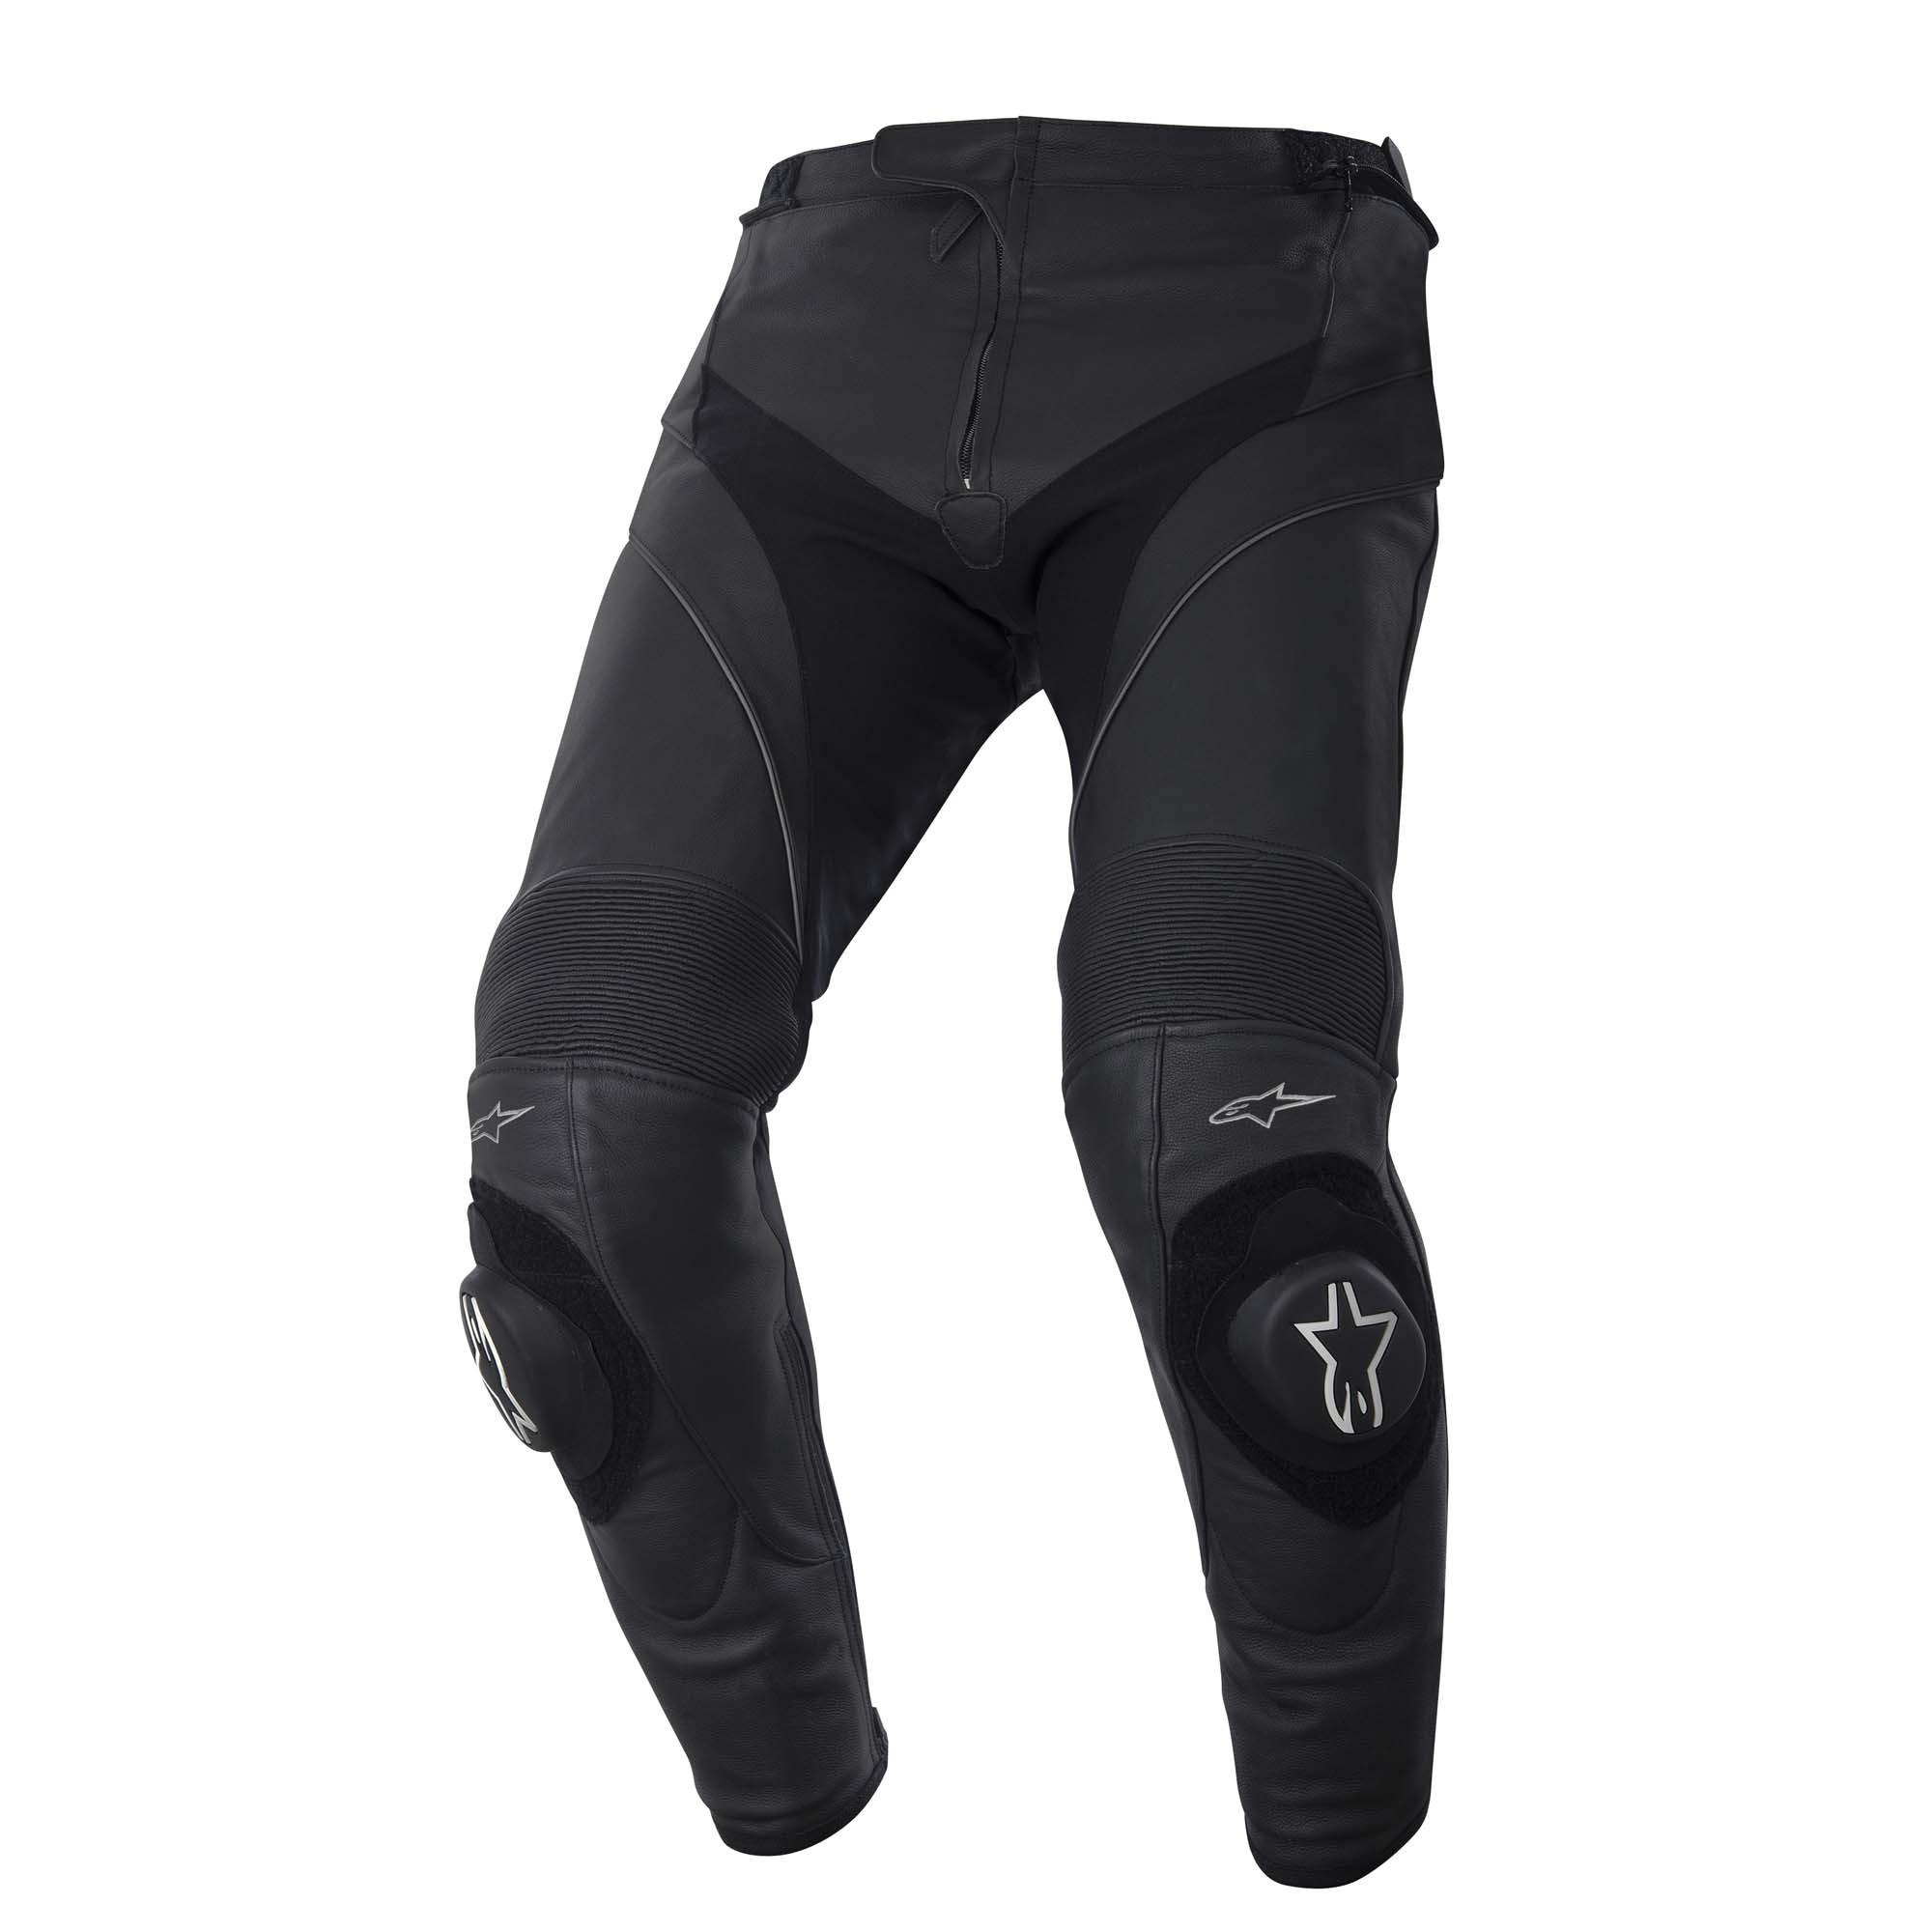 Black Alpinestars Missile Leather Pants